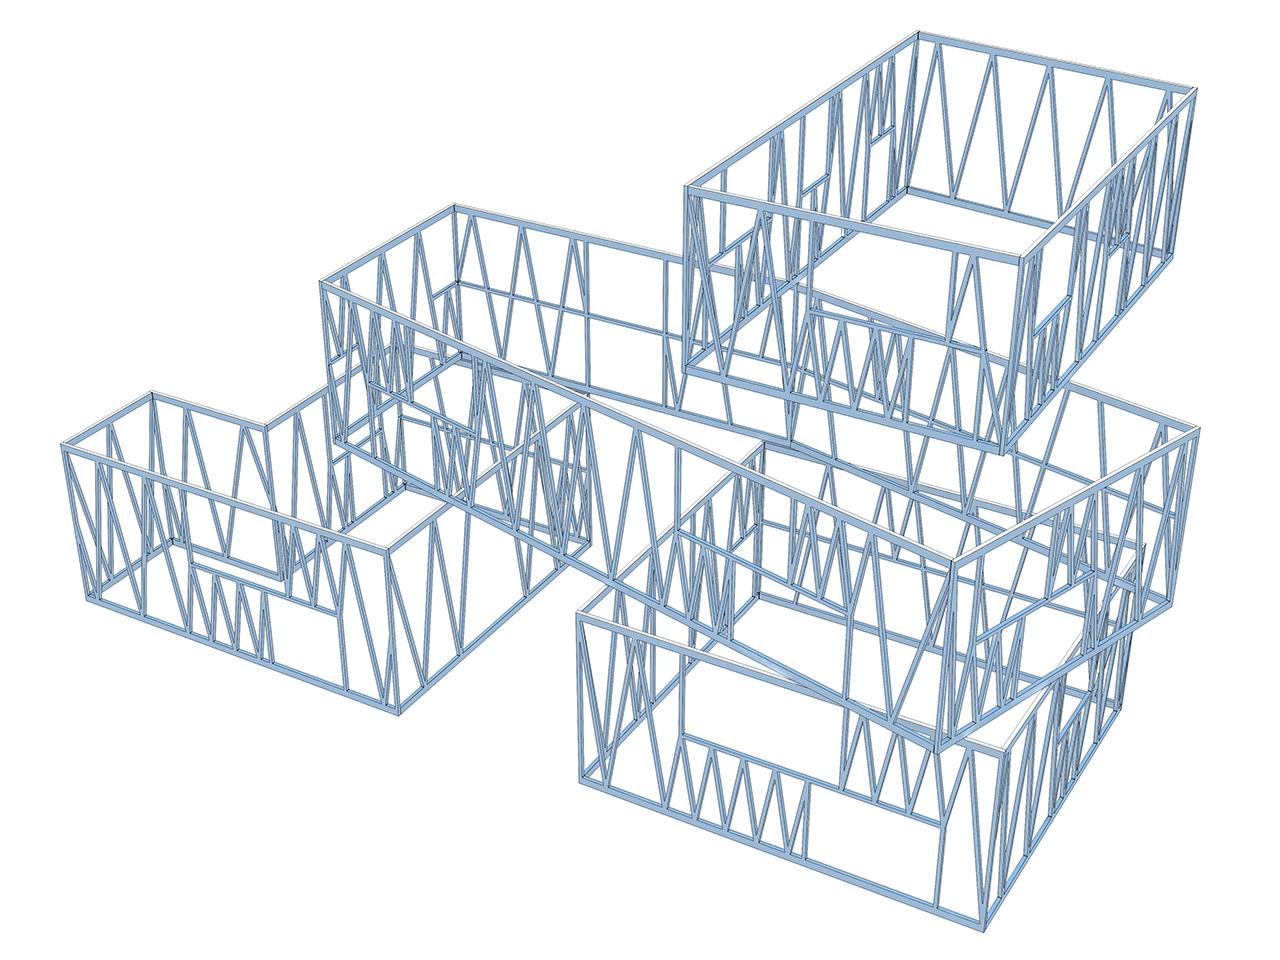 Marc Mimram completes Strasbourg School of Architecture. | METALOCUS